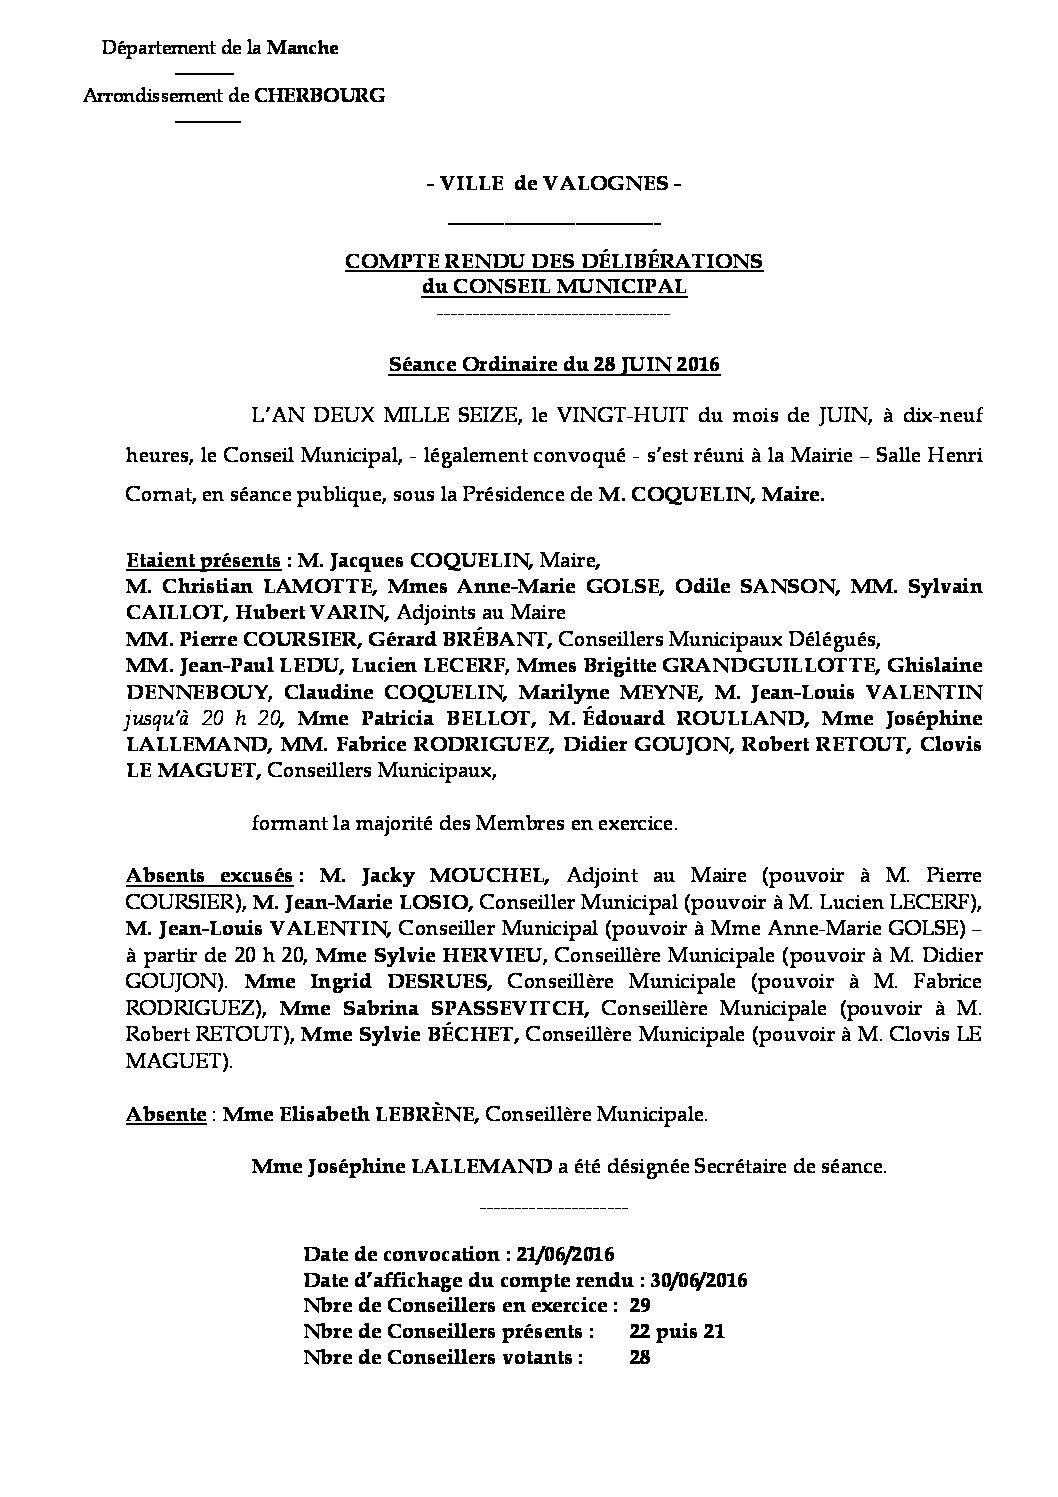 Extrait du registre des délibérations du 28-06-2016 - Compte rendu des questions soumises à délibération lors de la séance du Conseil Municipal du mardi 28 juin 2016.